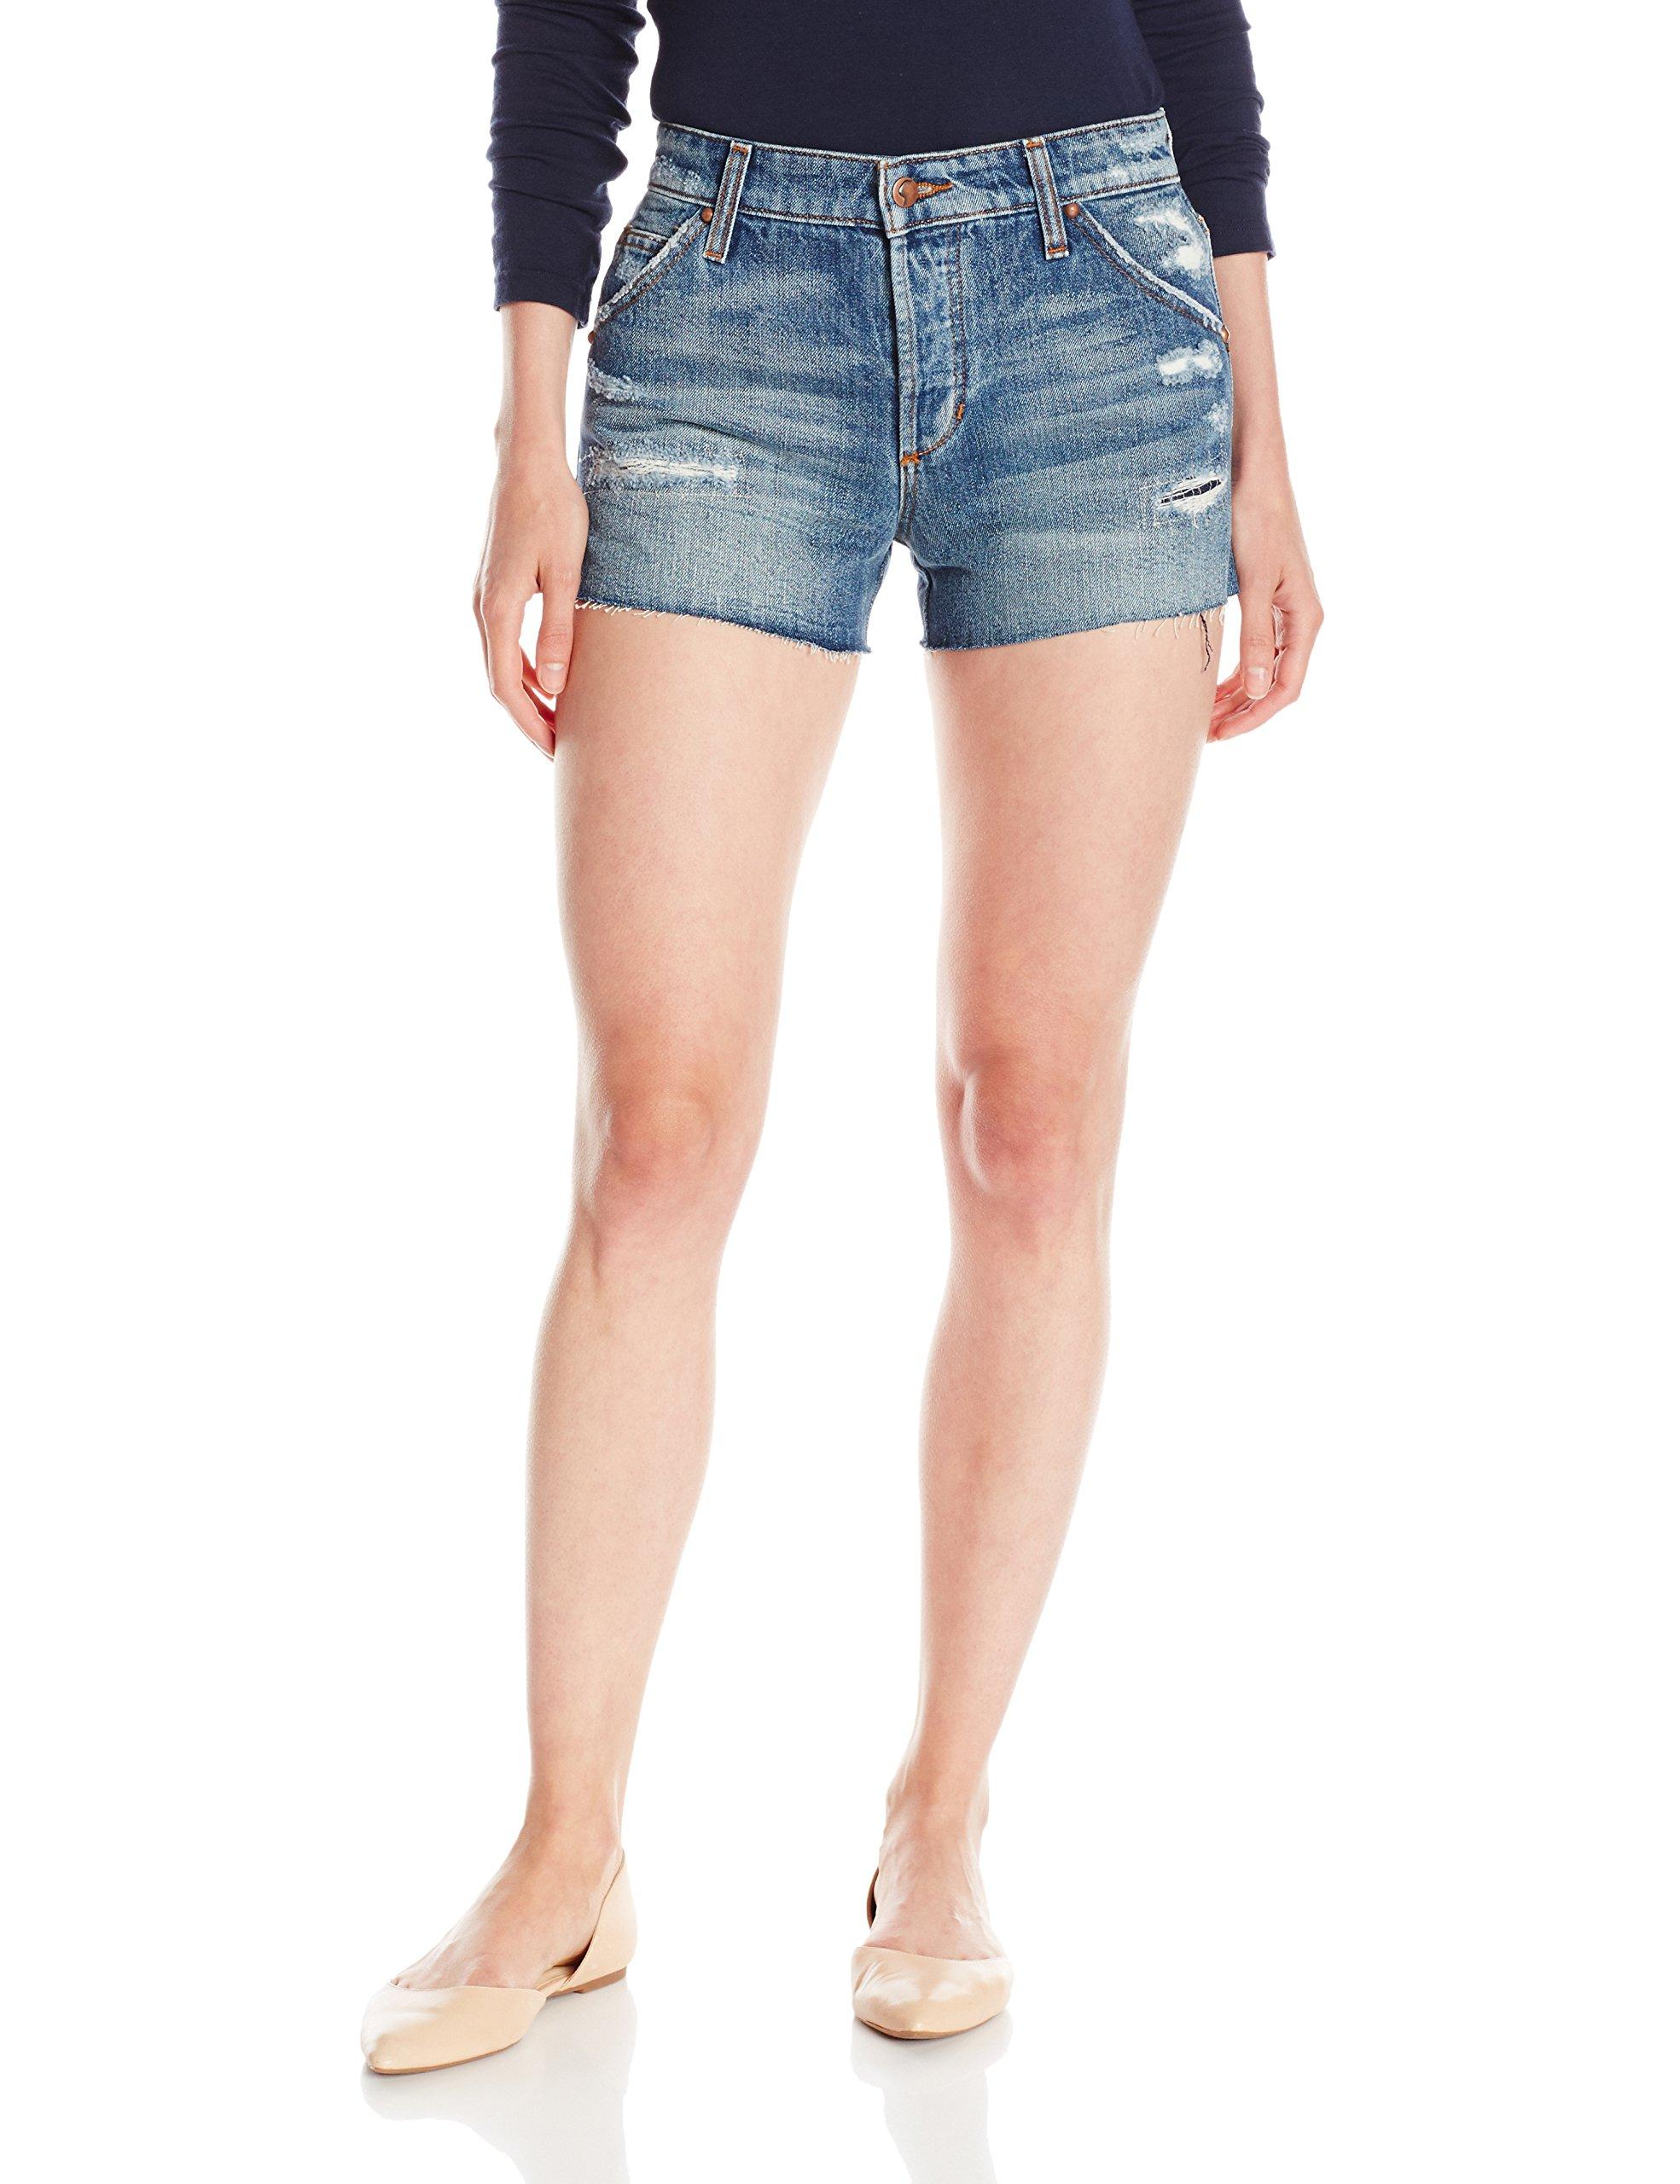 Joe's Jeans Women's Wasteland Jean Short, Steph, 30